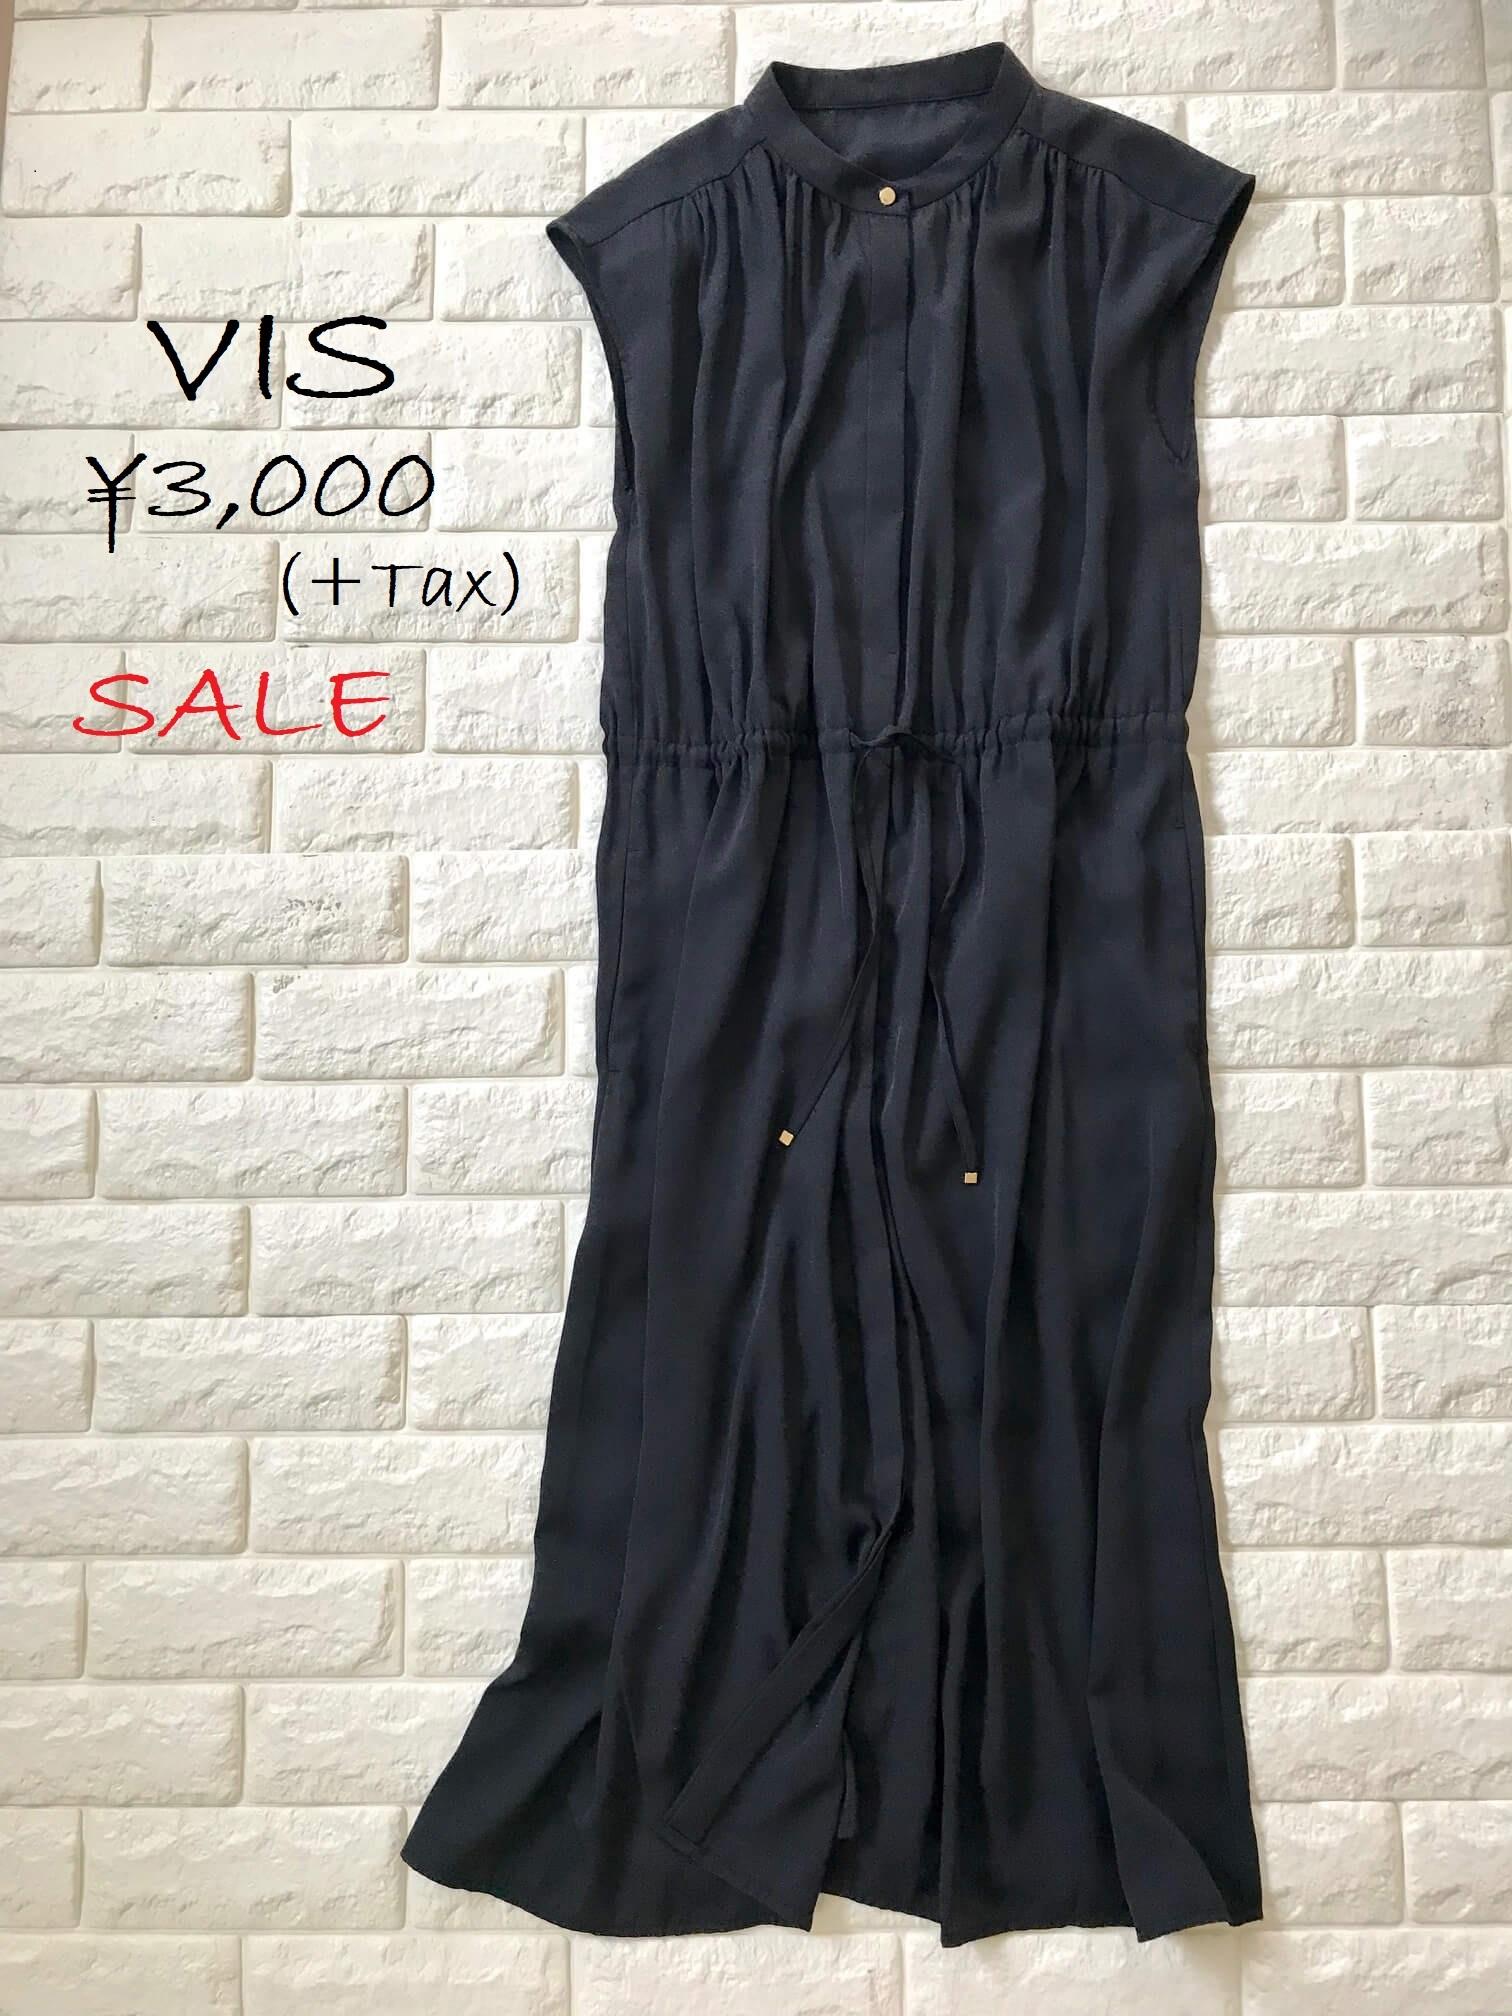 VISの黒いワンピース画像